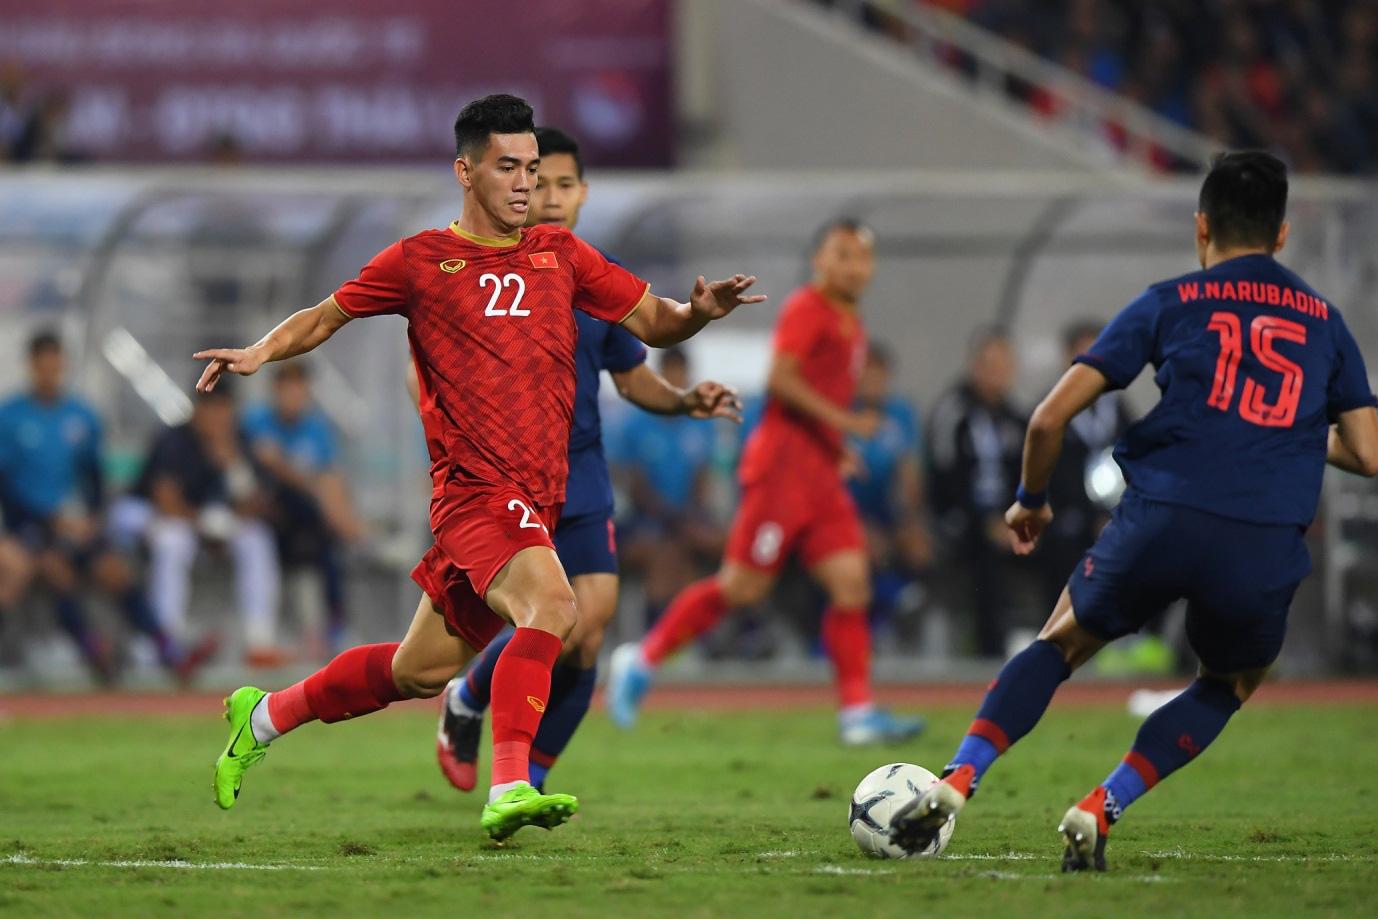 Tưng bừng cổ vũ đội tuyển U23 Việt Nam tại VCK U23 châu Á 2020 - Ảnh 1.